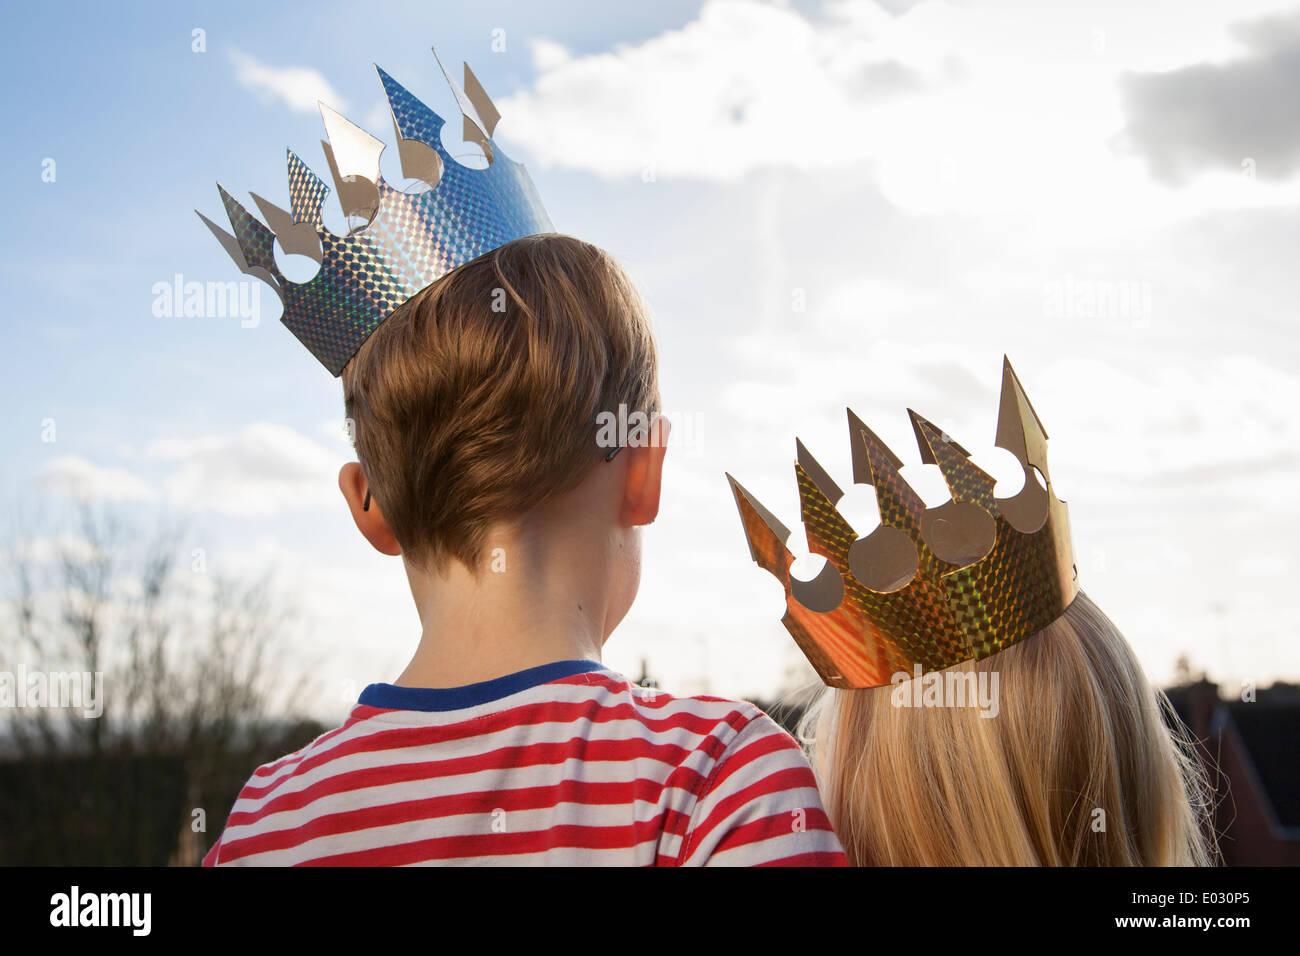 Two children in fancy dress wearing crowns. - Stock Image